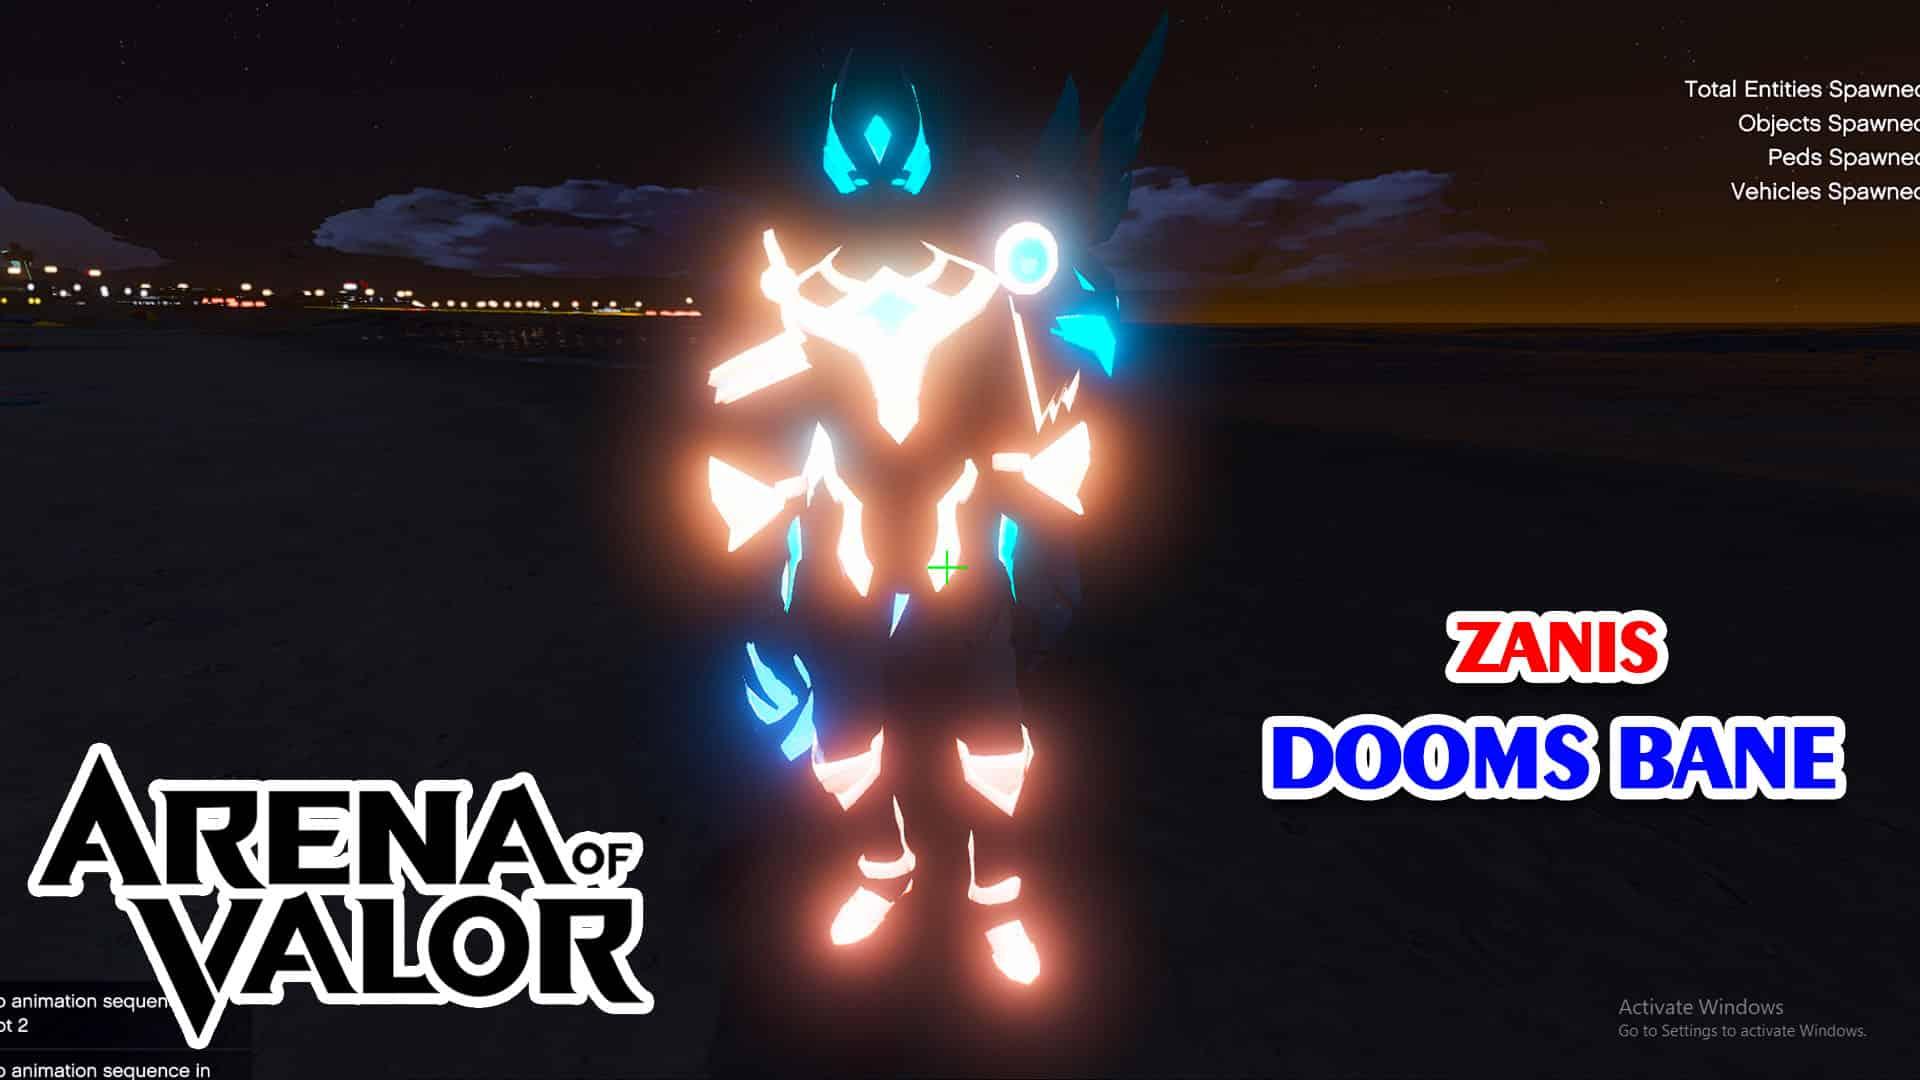 GTA 5 Mod Zanis Doom's Bane Arena of Valor